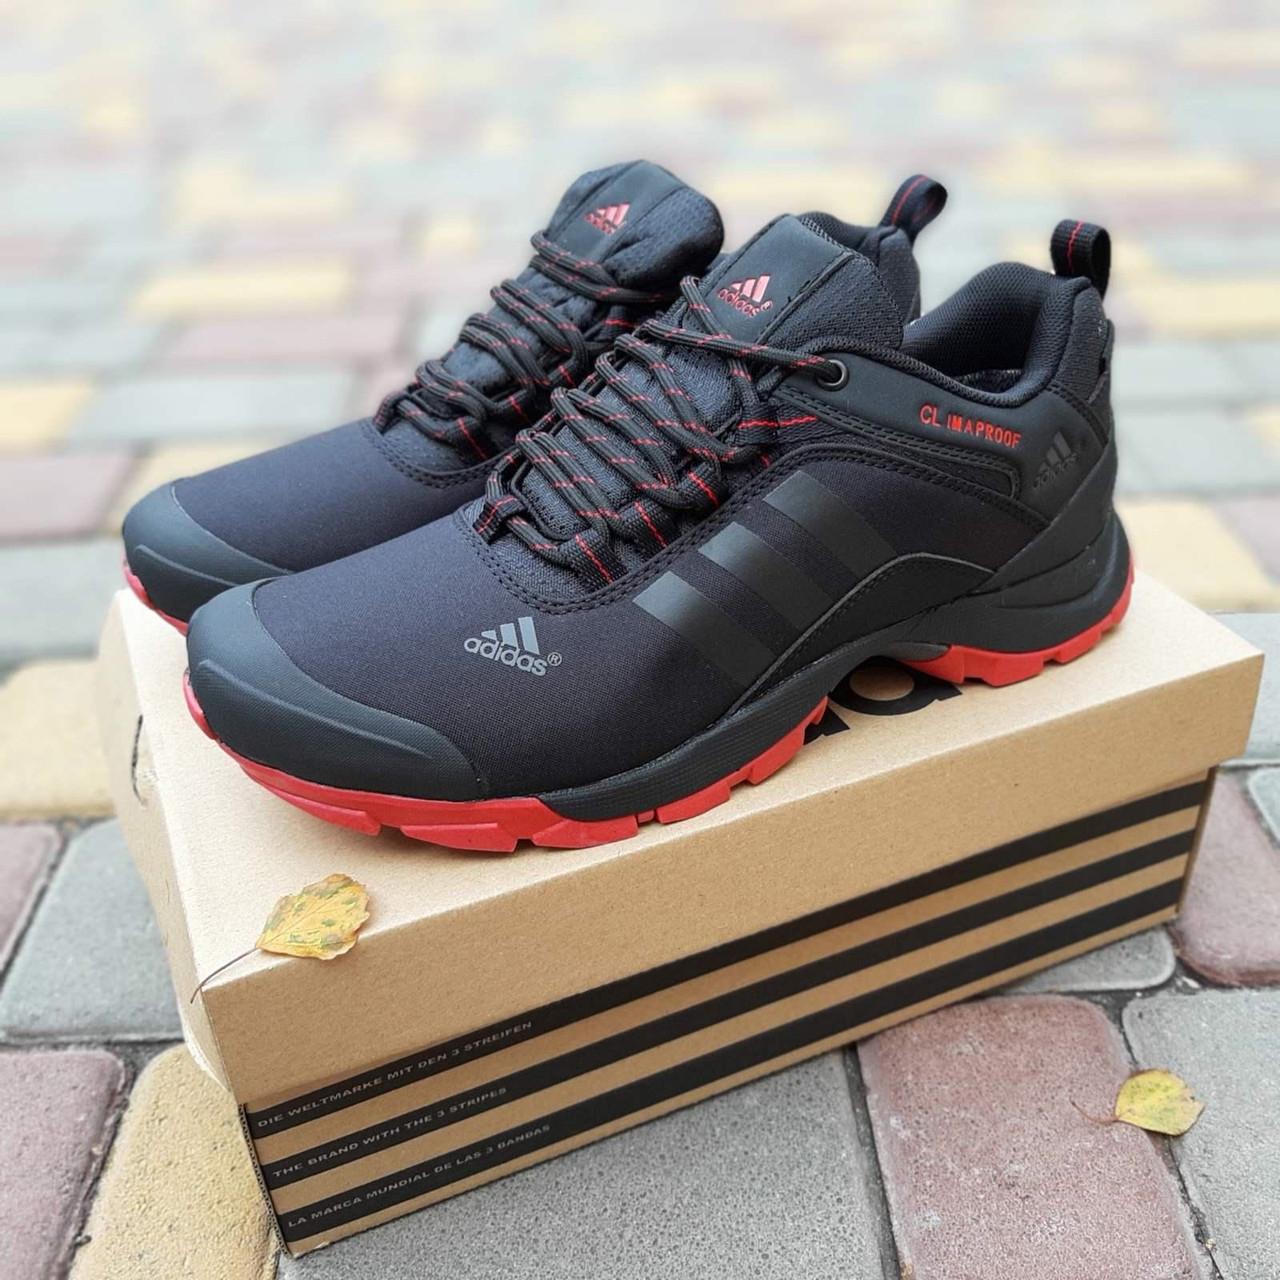 Adidas Climaproof мужские зимние черные кроссовки на шнурках 43